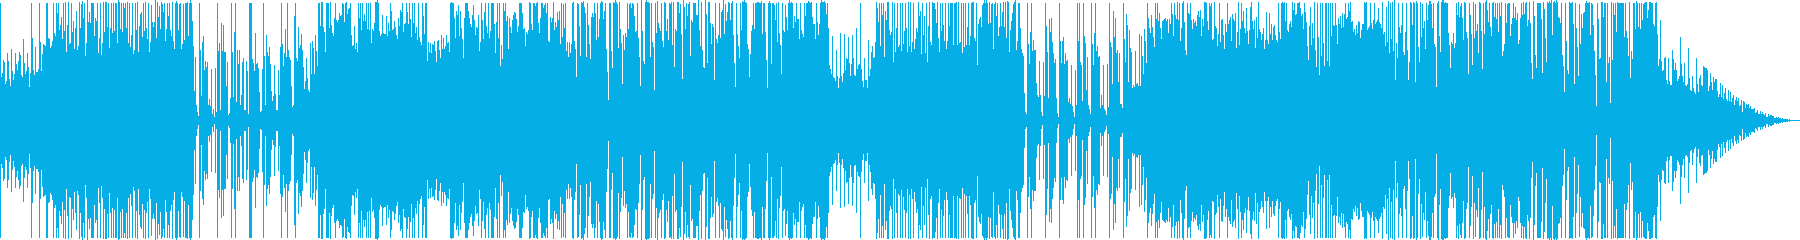 スラップベースが特徴的なファンキーな曲の再生済みの波形